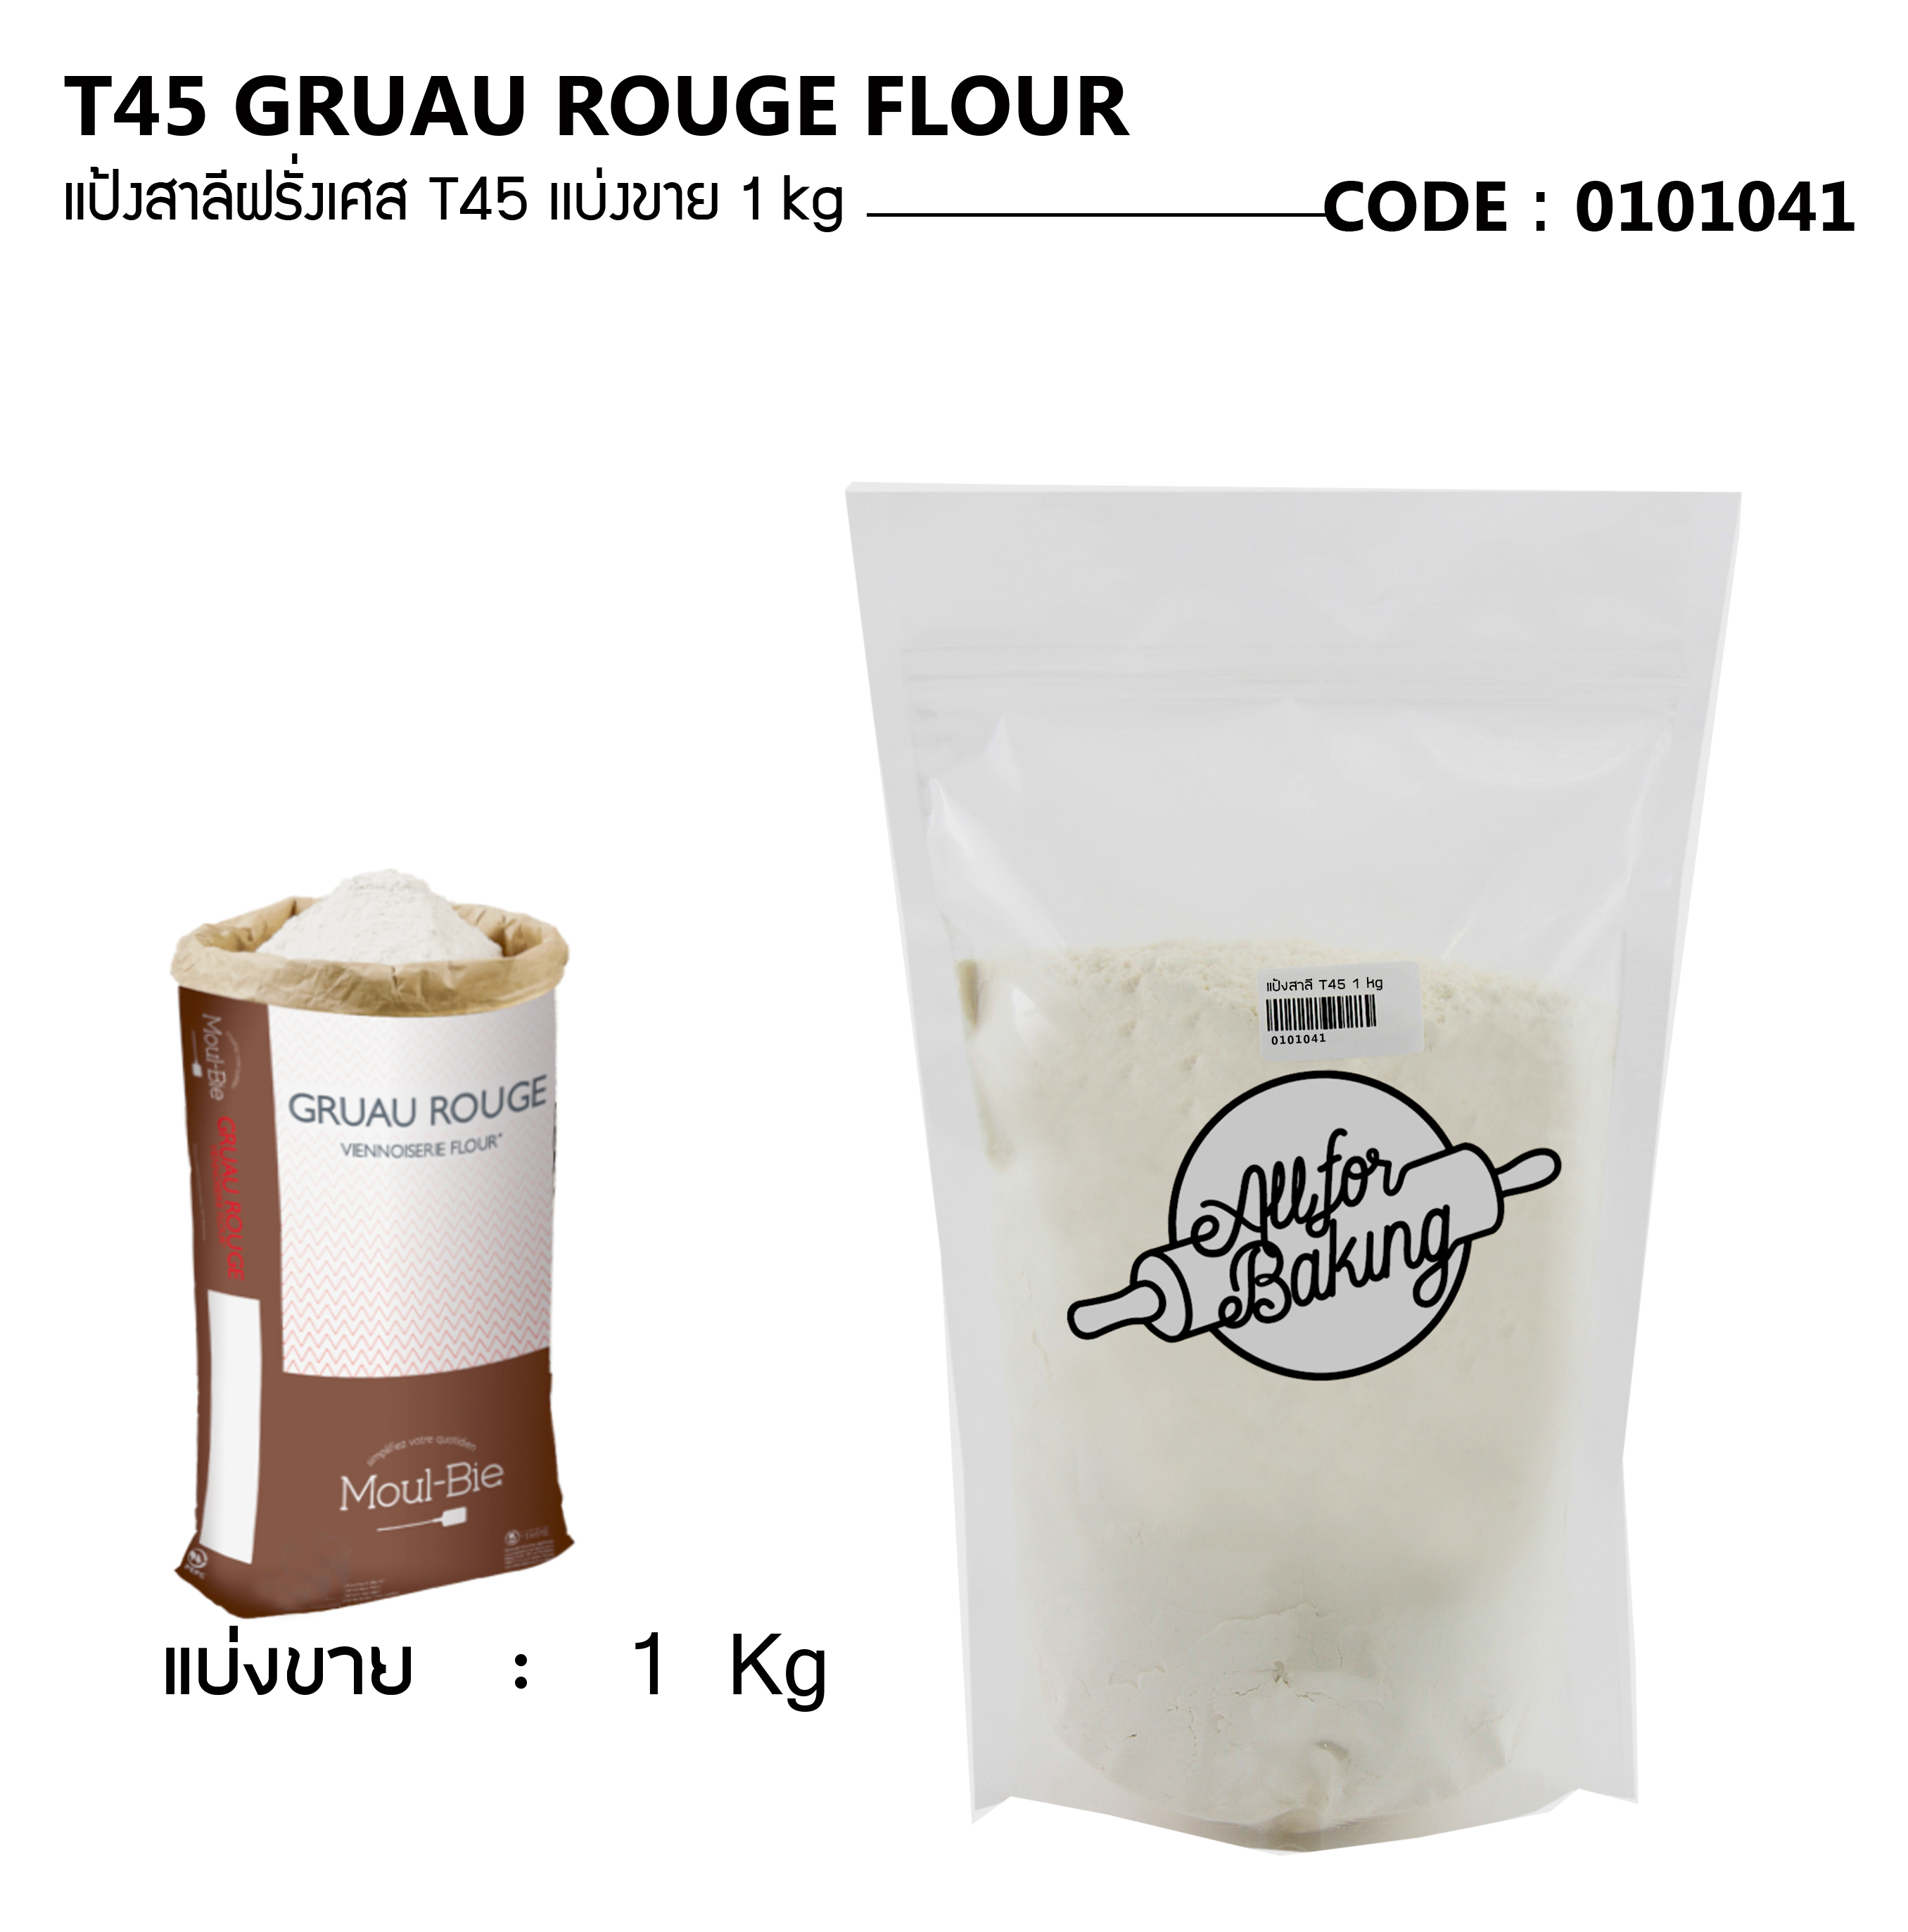 T45 GRUAU ROUGE FLOUR // แป้งสาลีฝรั่งเศส T45 ขนาด เเบ่งขาย 1 kg